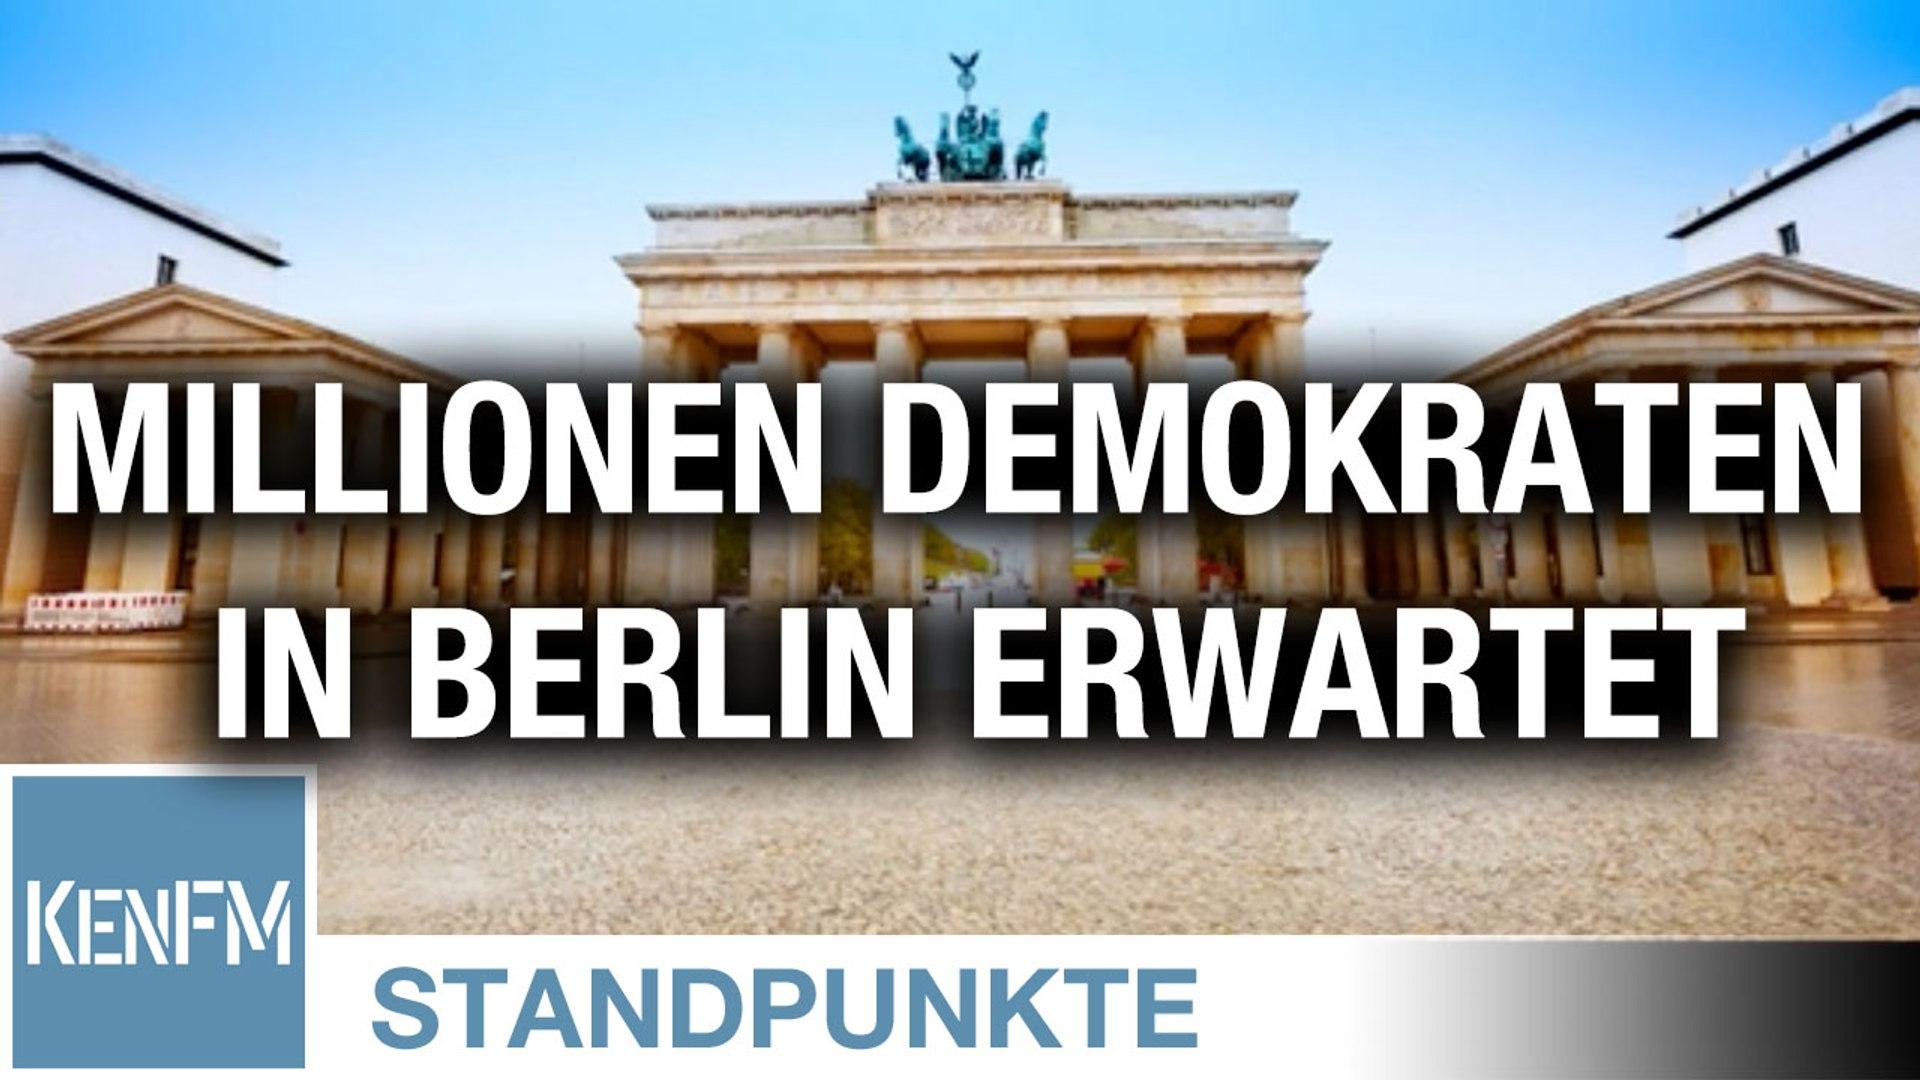 Millionen Demokraten in Berlin erwartet | Von Anselm Lenz